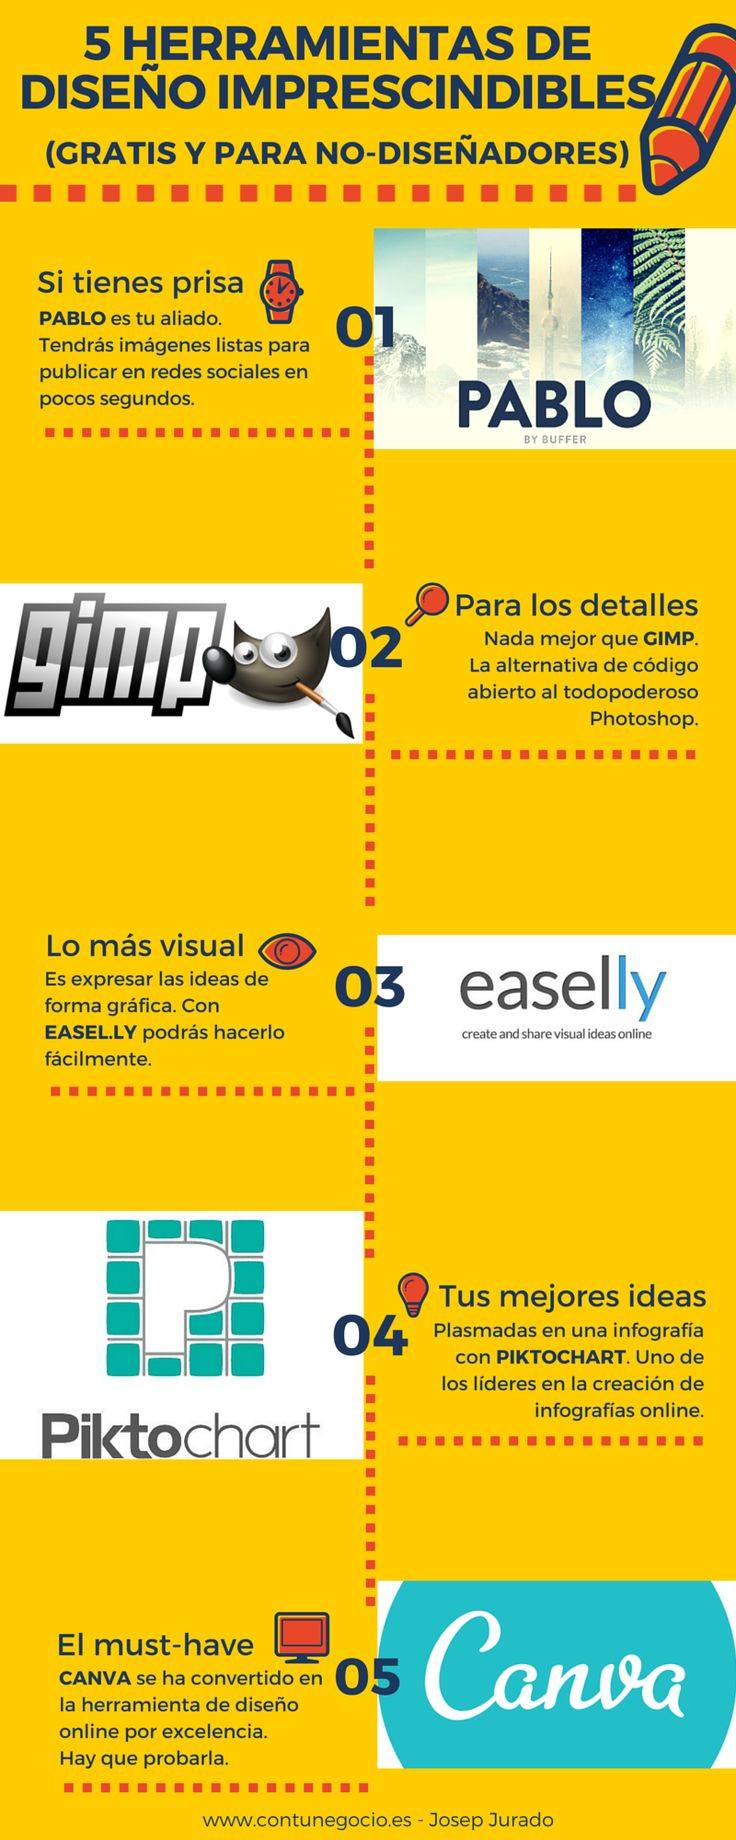 5 HERRAMIENTAS DE DISEÑO GRATUITAS (PARA NO DISEÑADORES) #INFOGRAFIA #INFOGRAPHIC #DESIGN